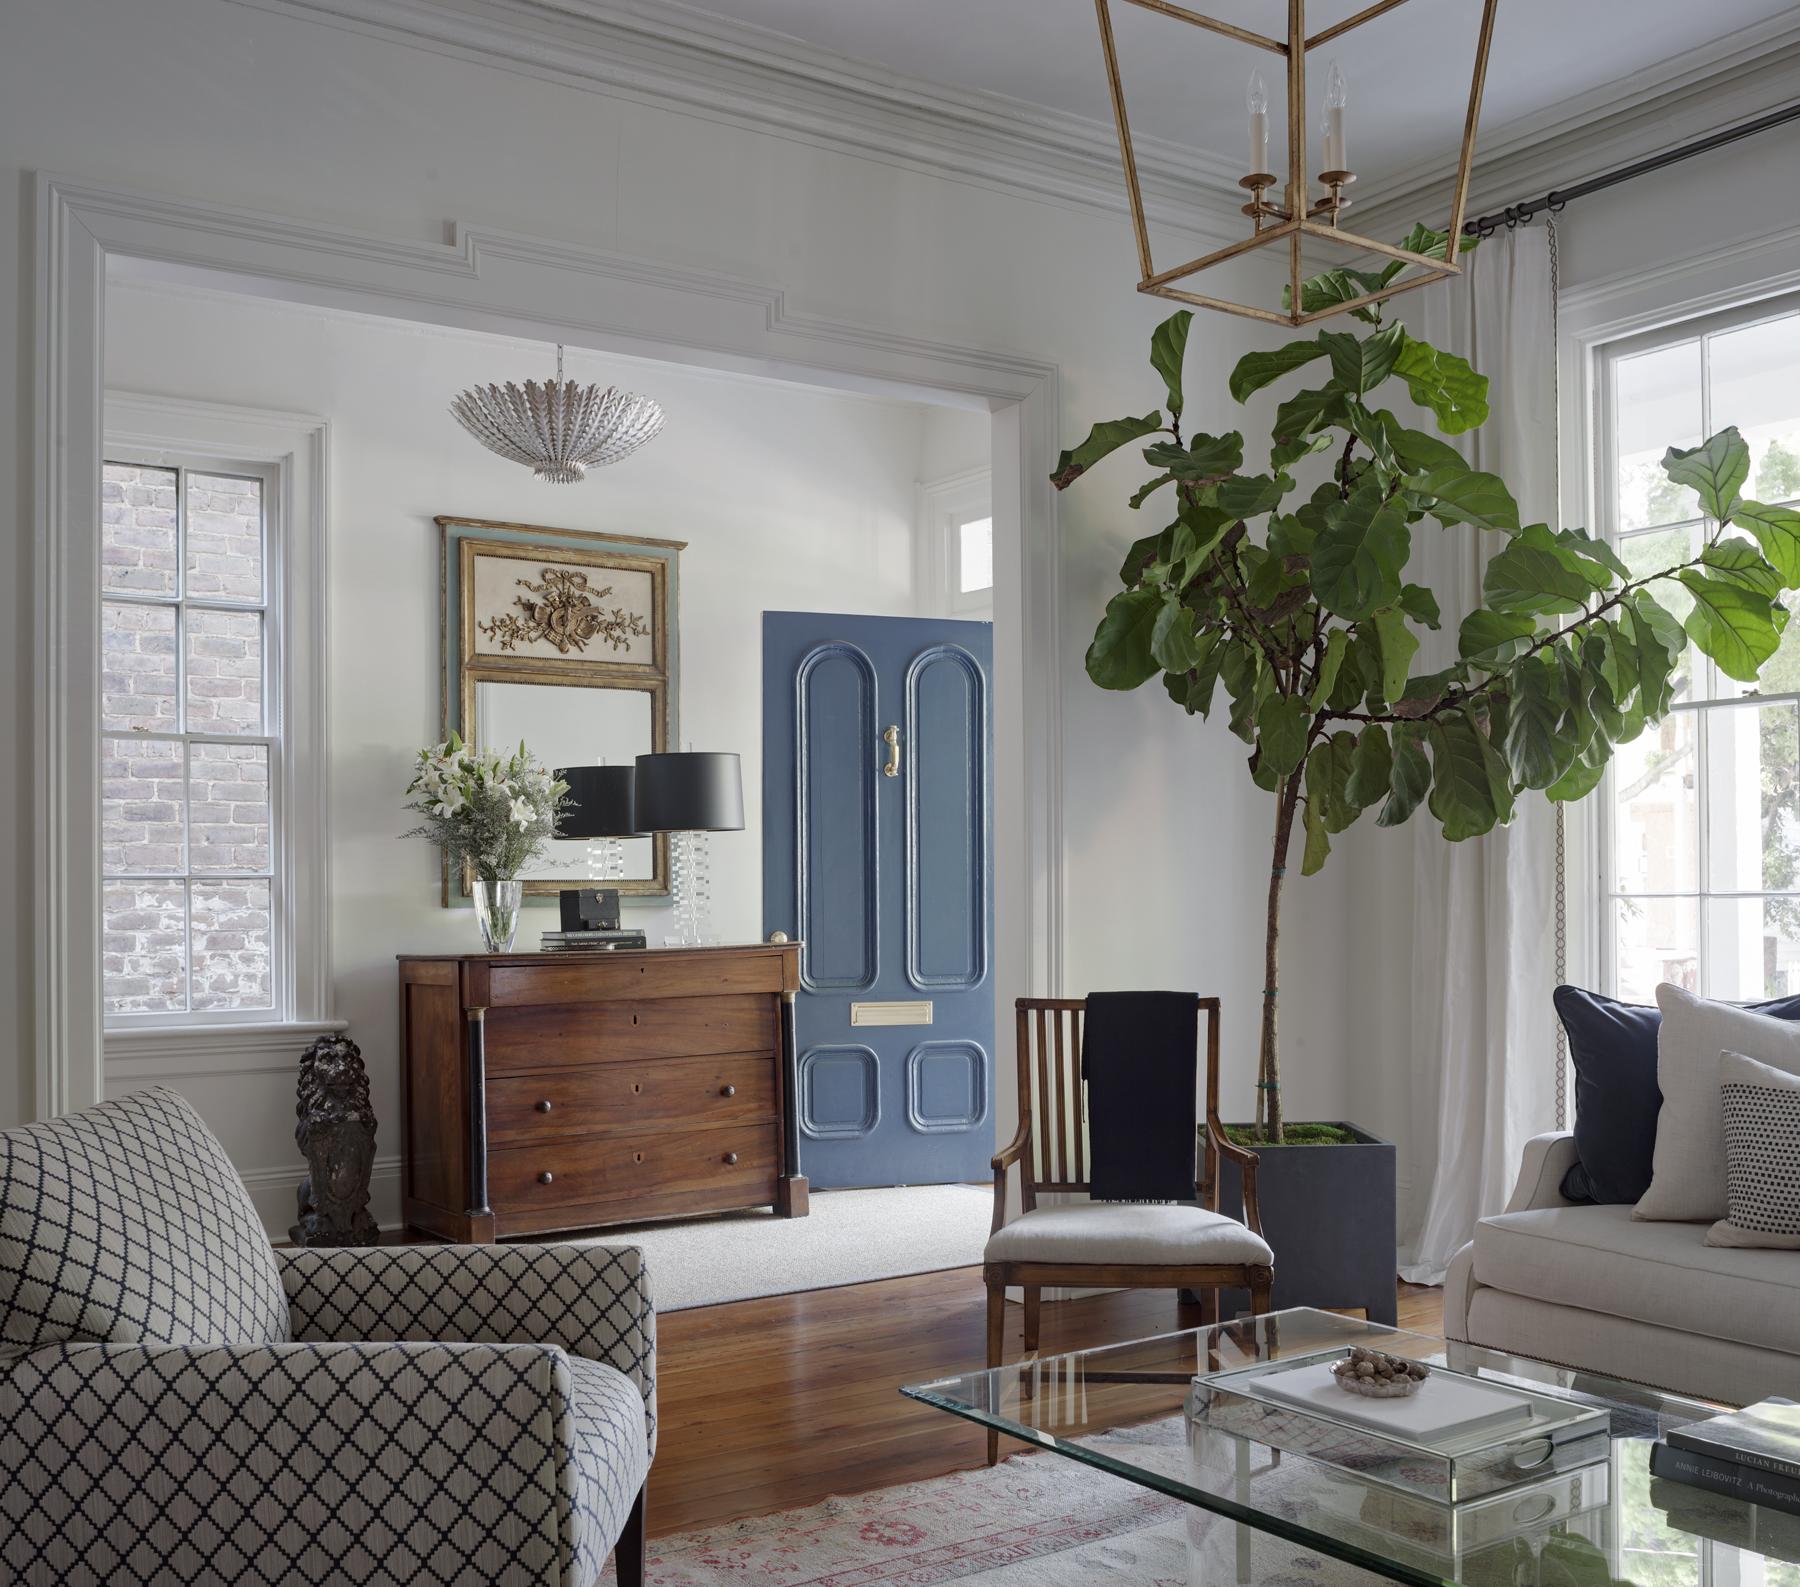 6 - Living room _ Entry.jpg